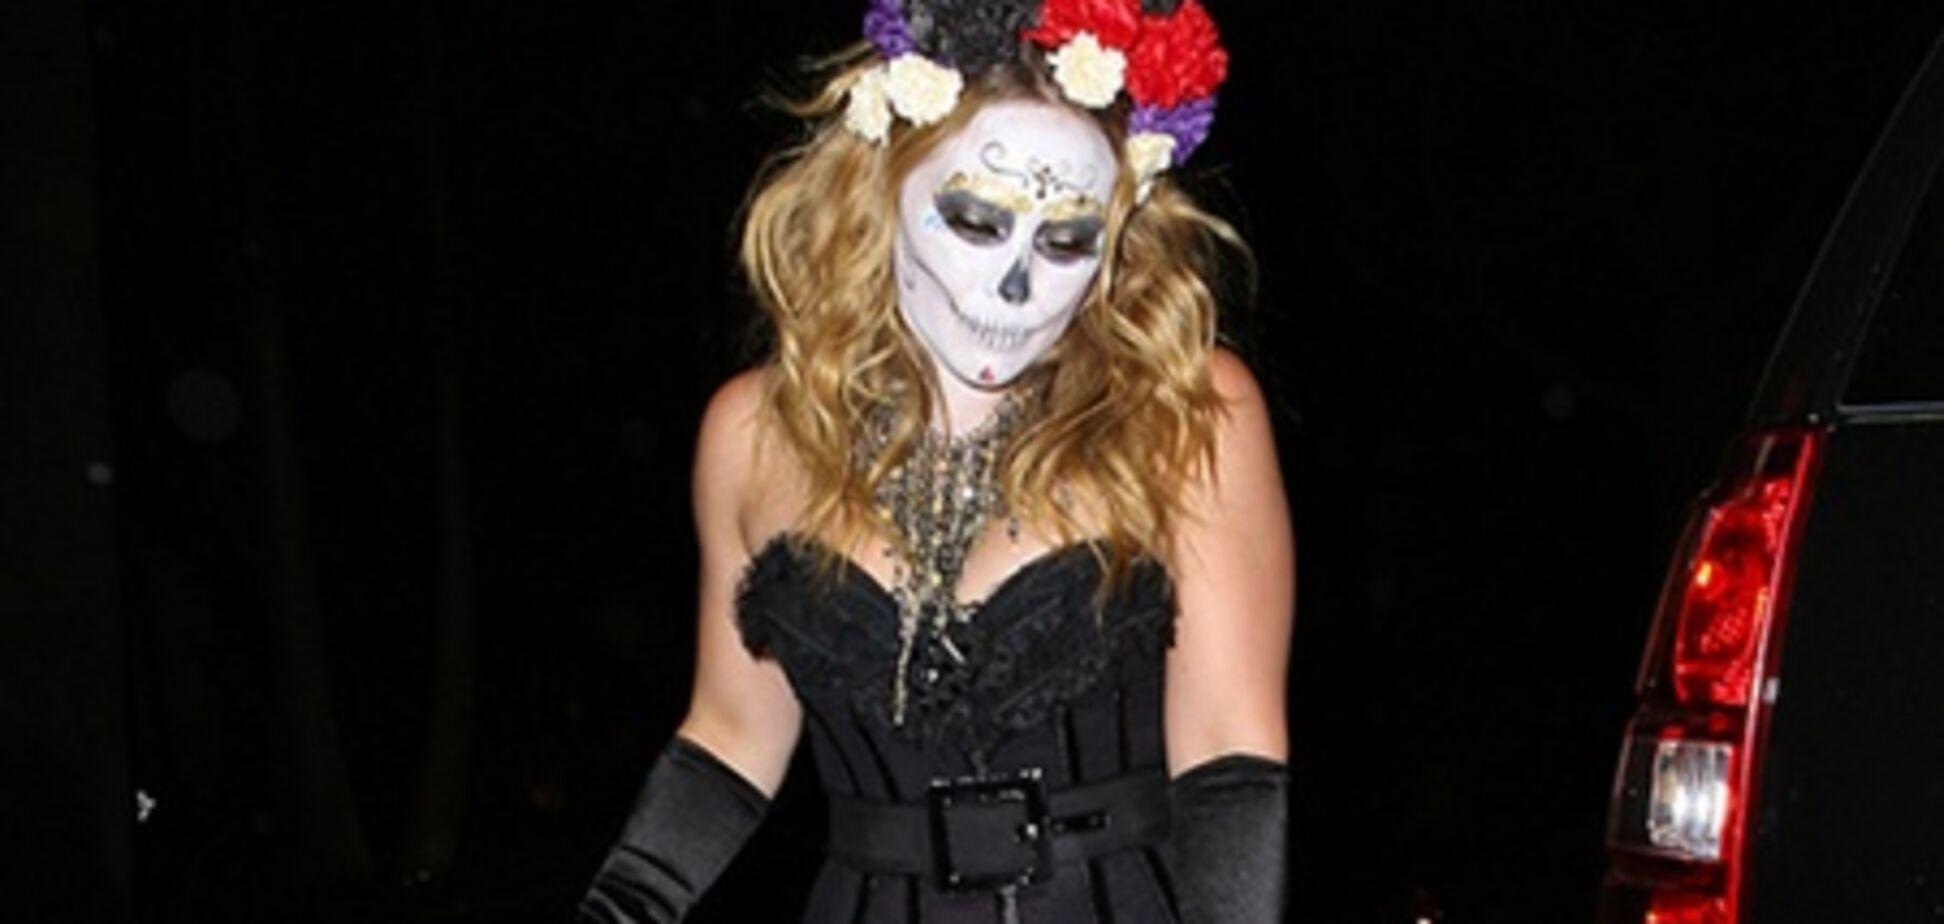 Звезды побывали на  Хэллоуинской вечеринке. Фото